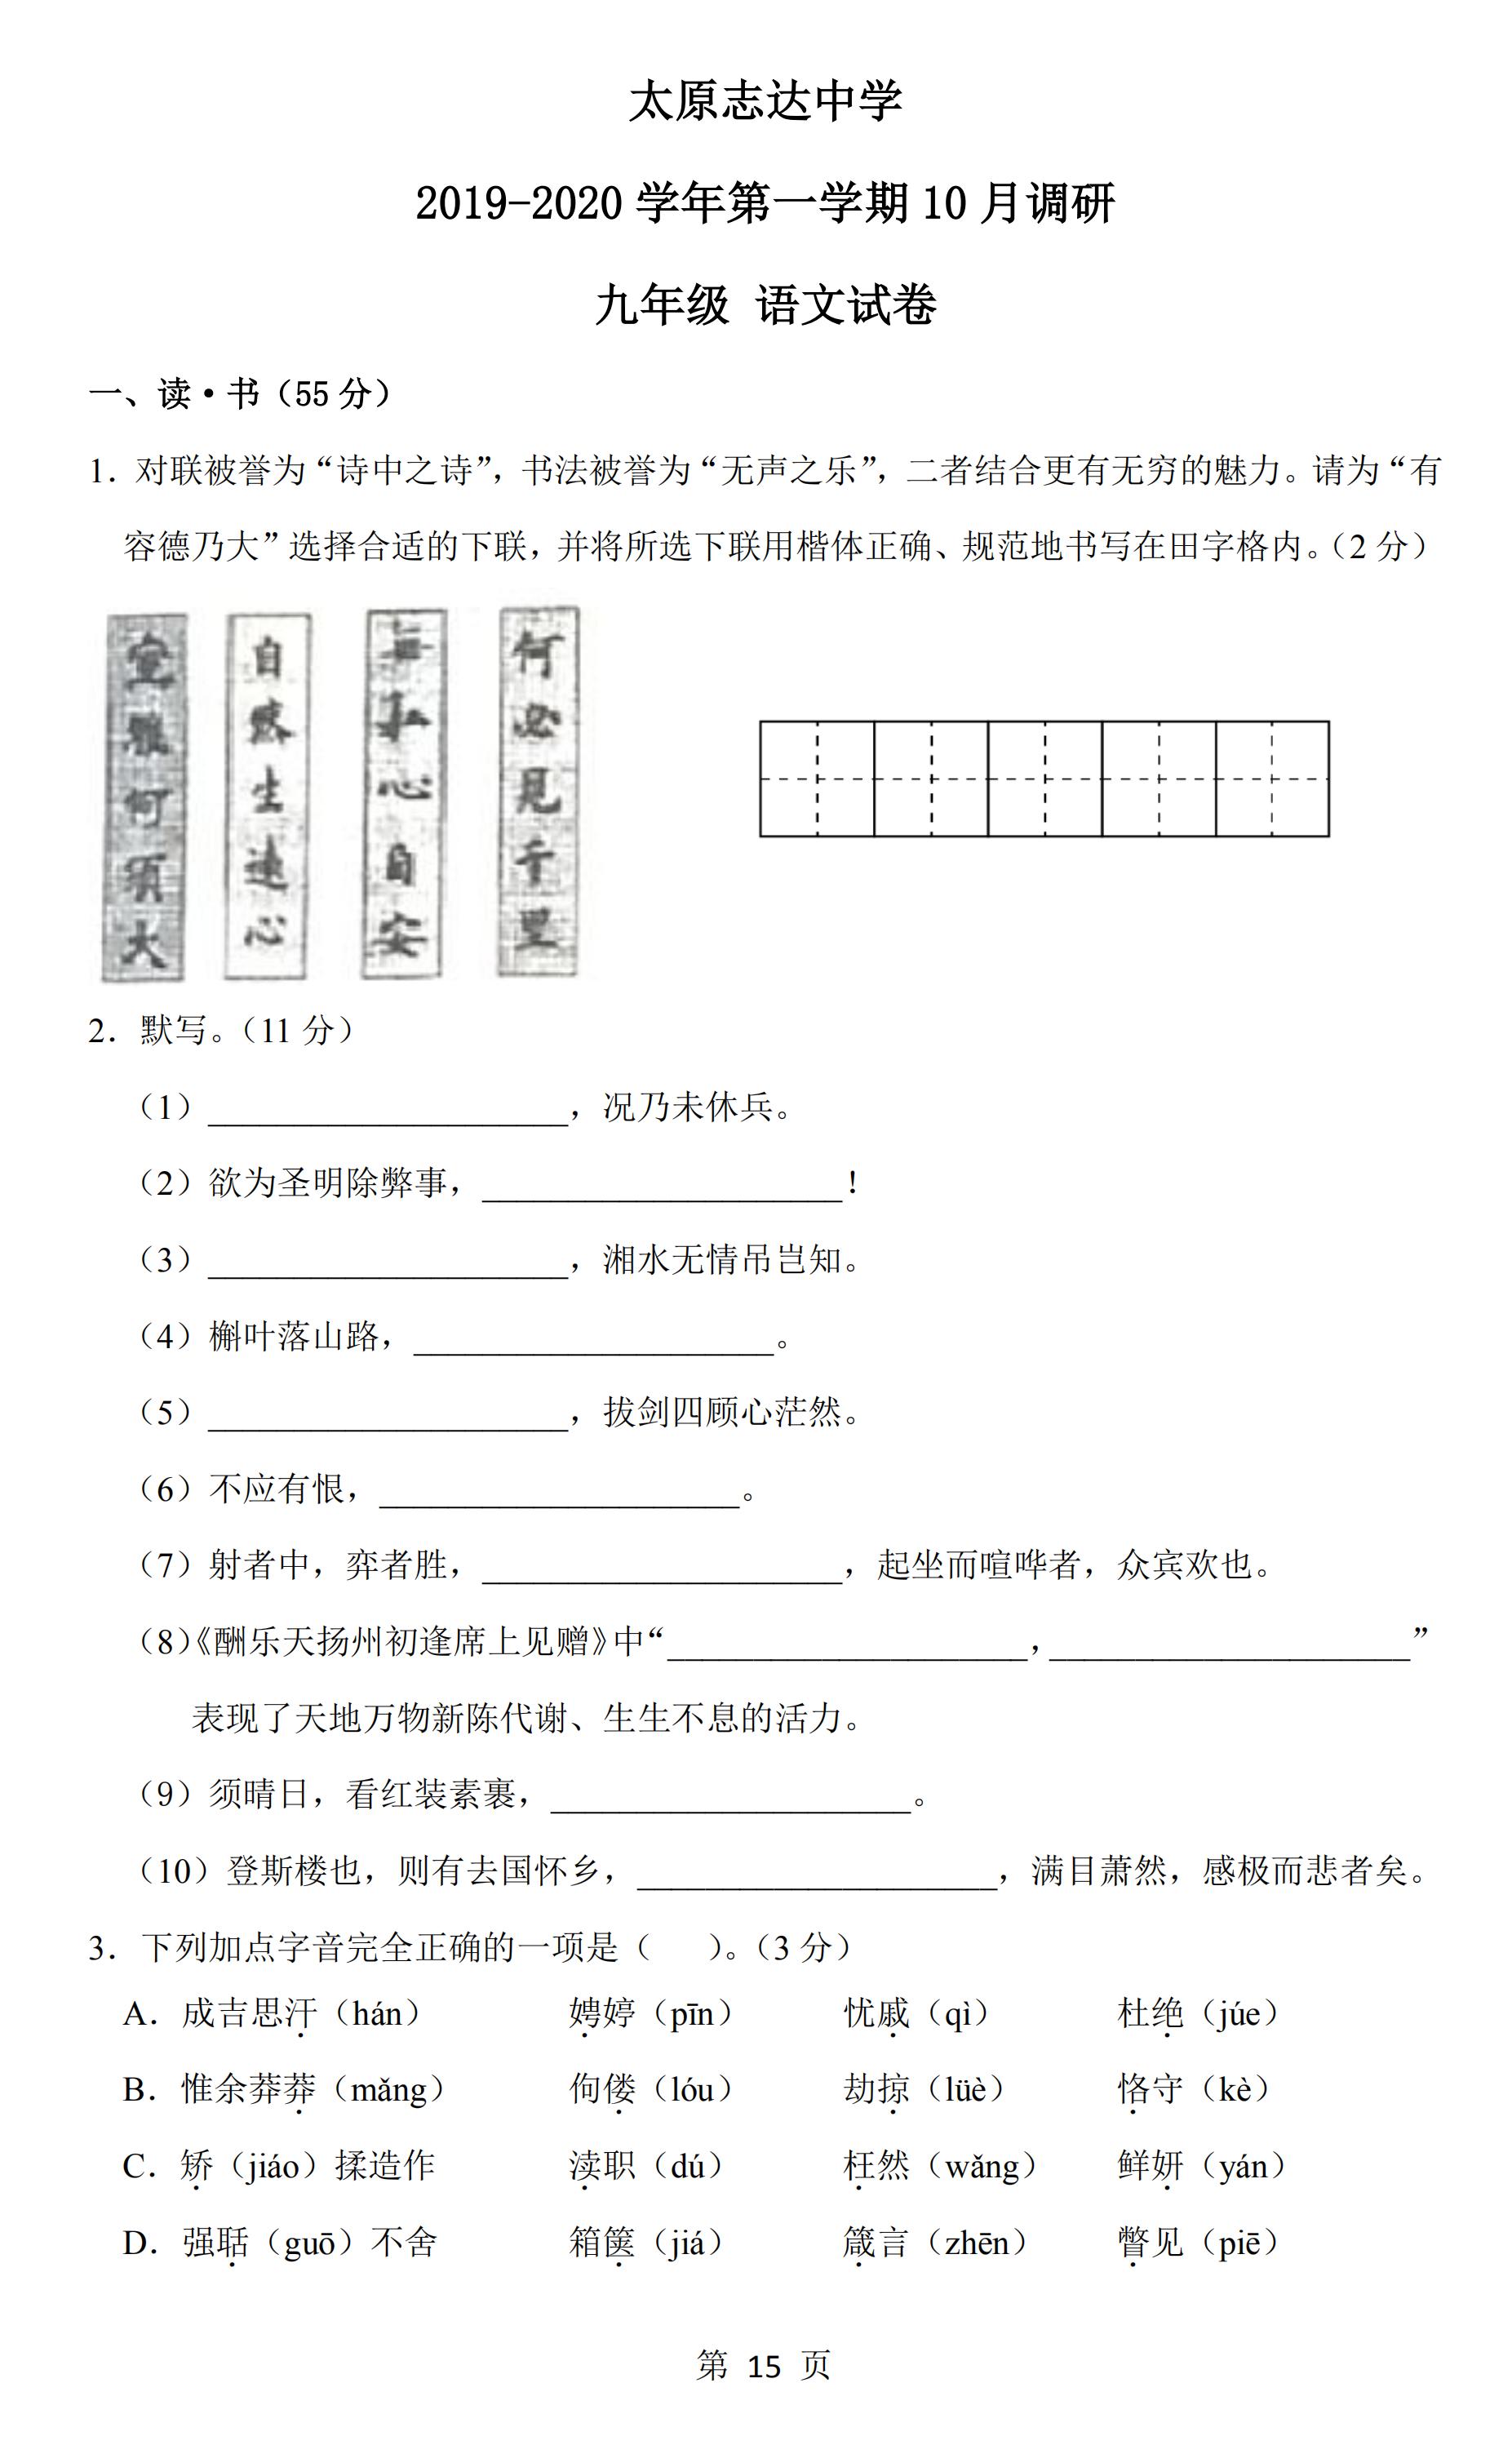 2019-2020太原志达中学九年级上10月调研考试语文试题及答案